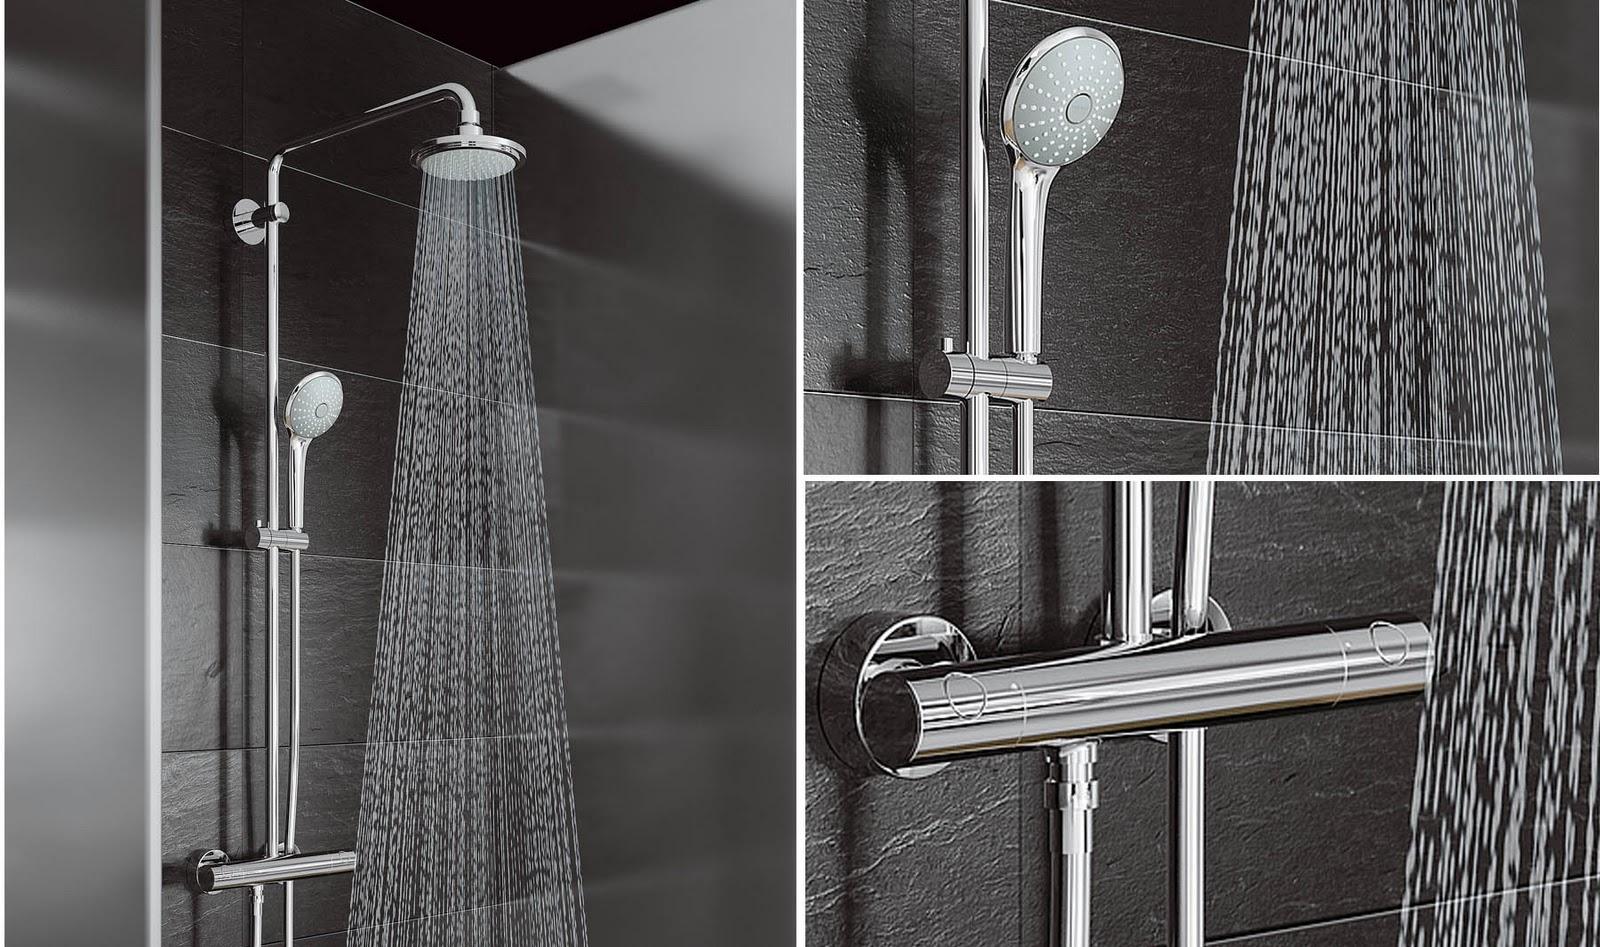 Ba os reformas cocinas ba os en valencia esteban - Griferias termostaticas para ducha ...